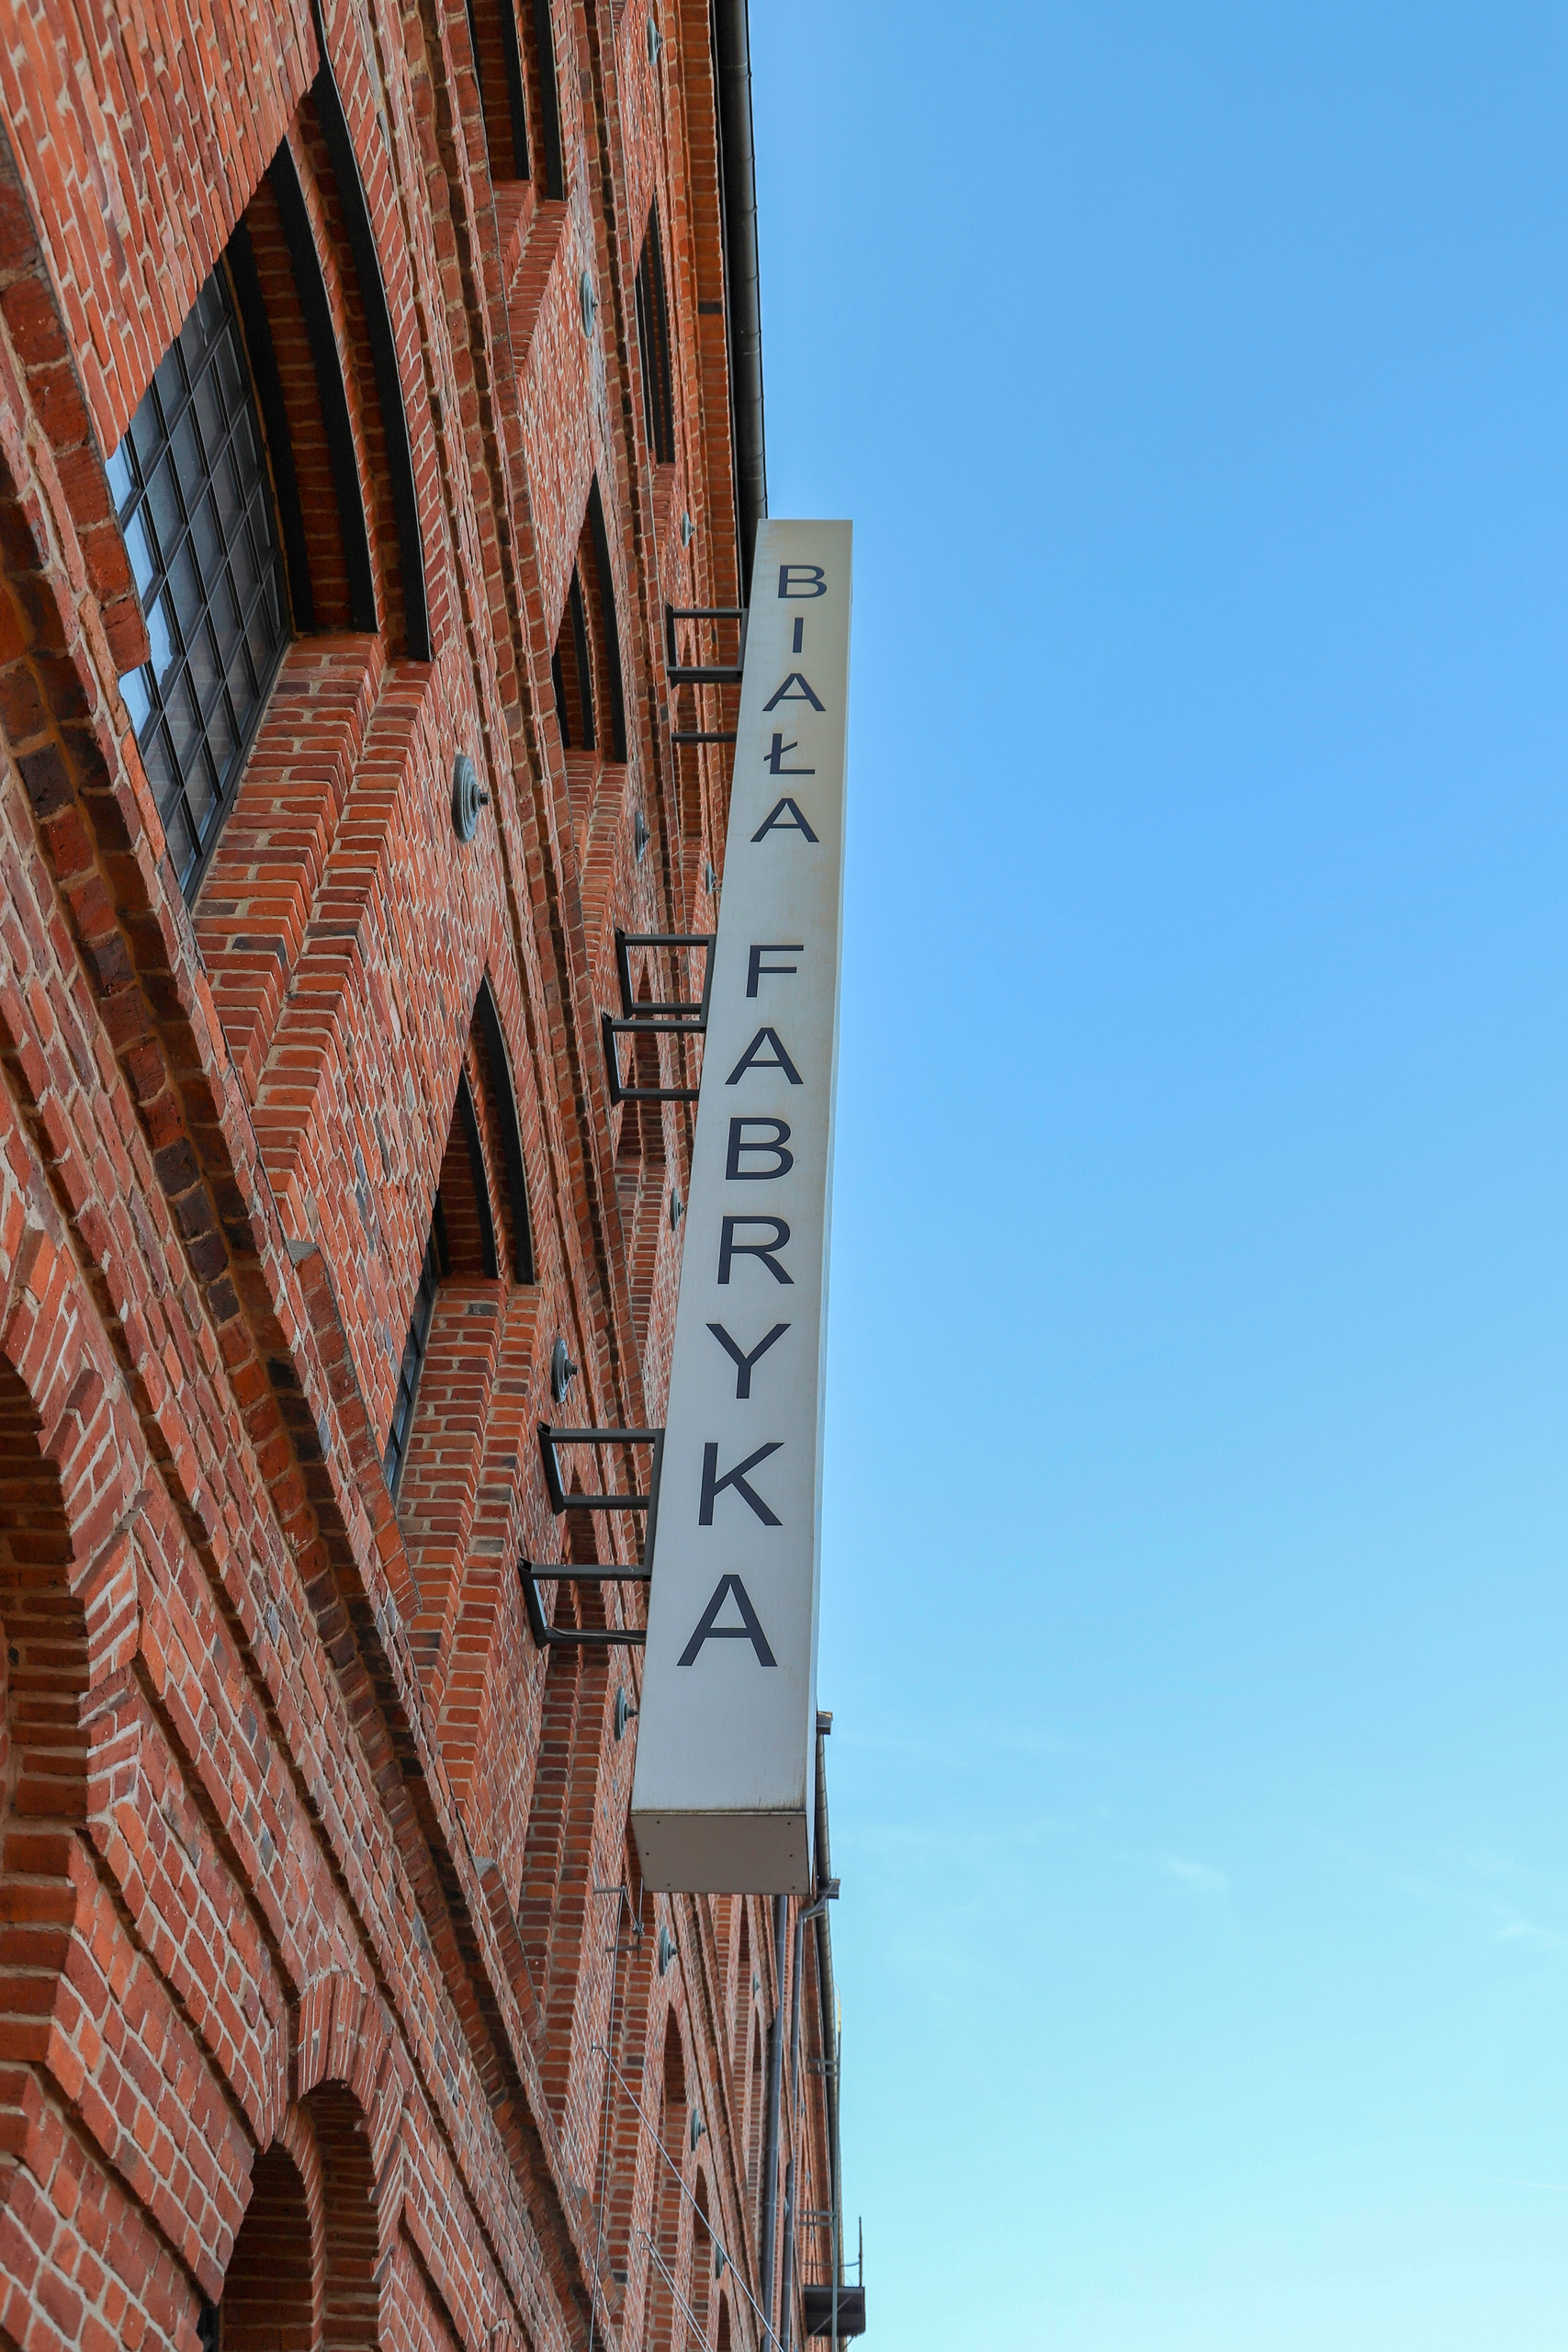 Zdjęcie przedstawia fragment budynku z cegły i niebieskie niebo.